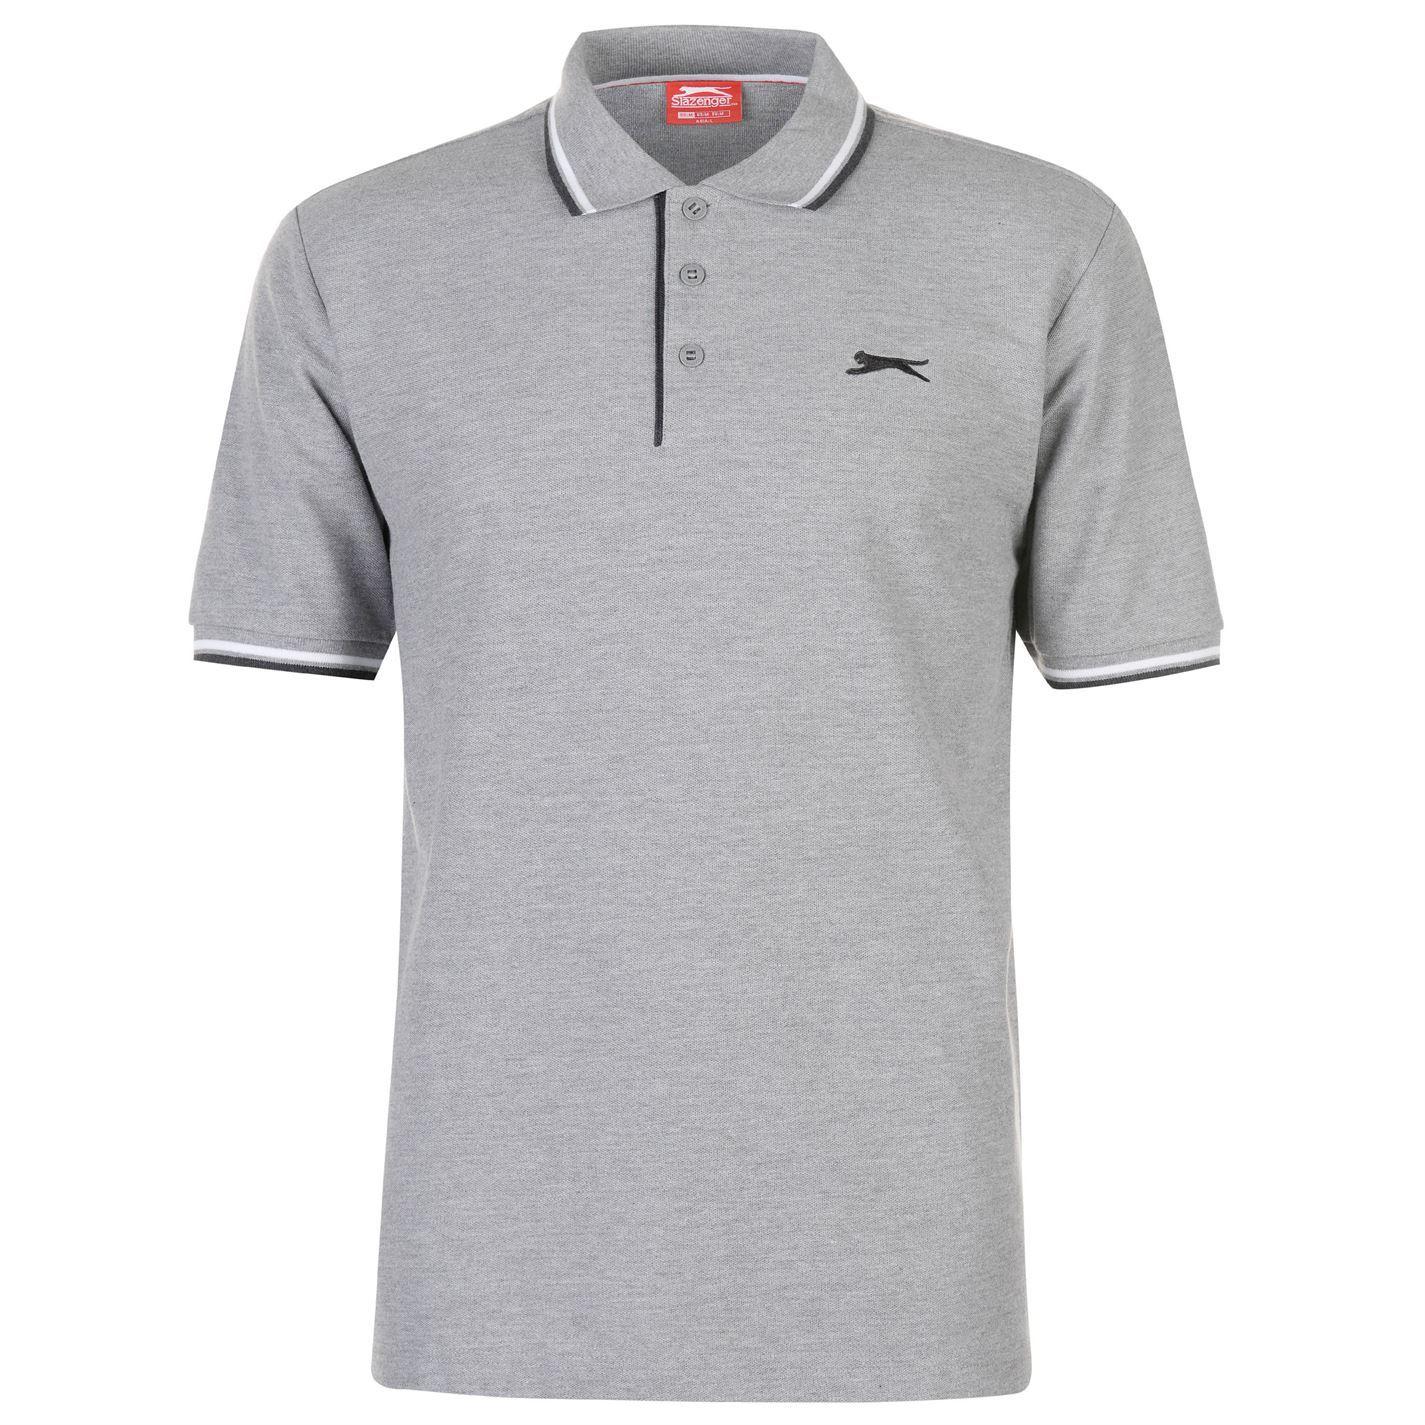 Slazenger-Polo-Camisa-de-hombre-con-cuello-con-Punta-T-Shirt-Top-Camiseta-Tee miniatura 39